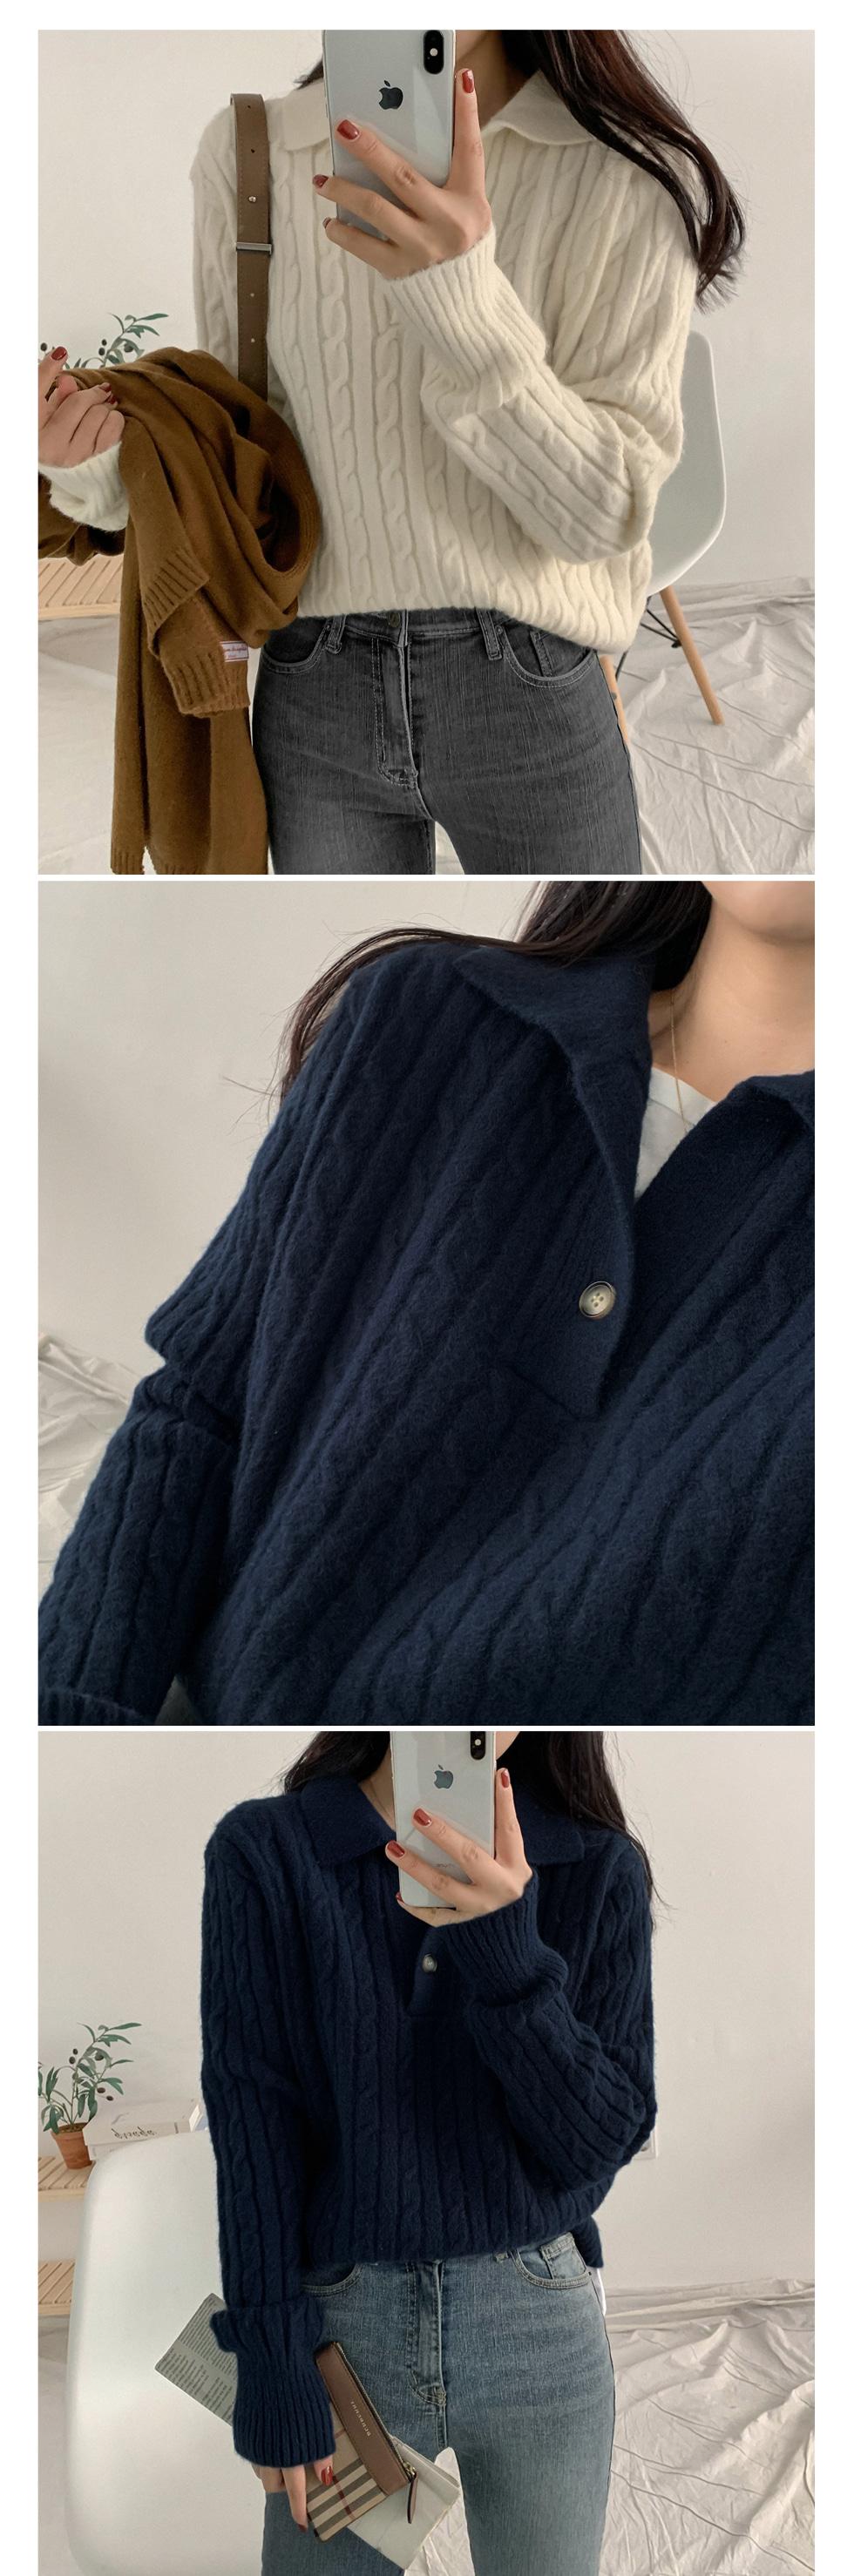 Volk Twisted Collar Knitwear